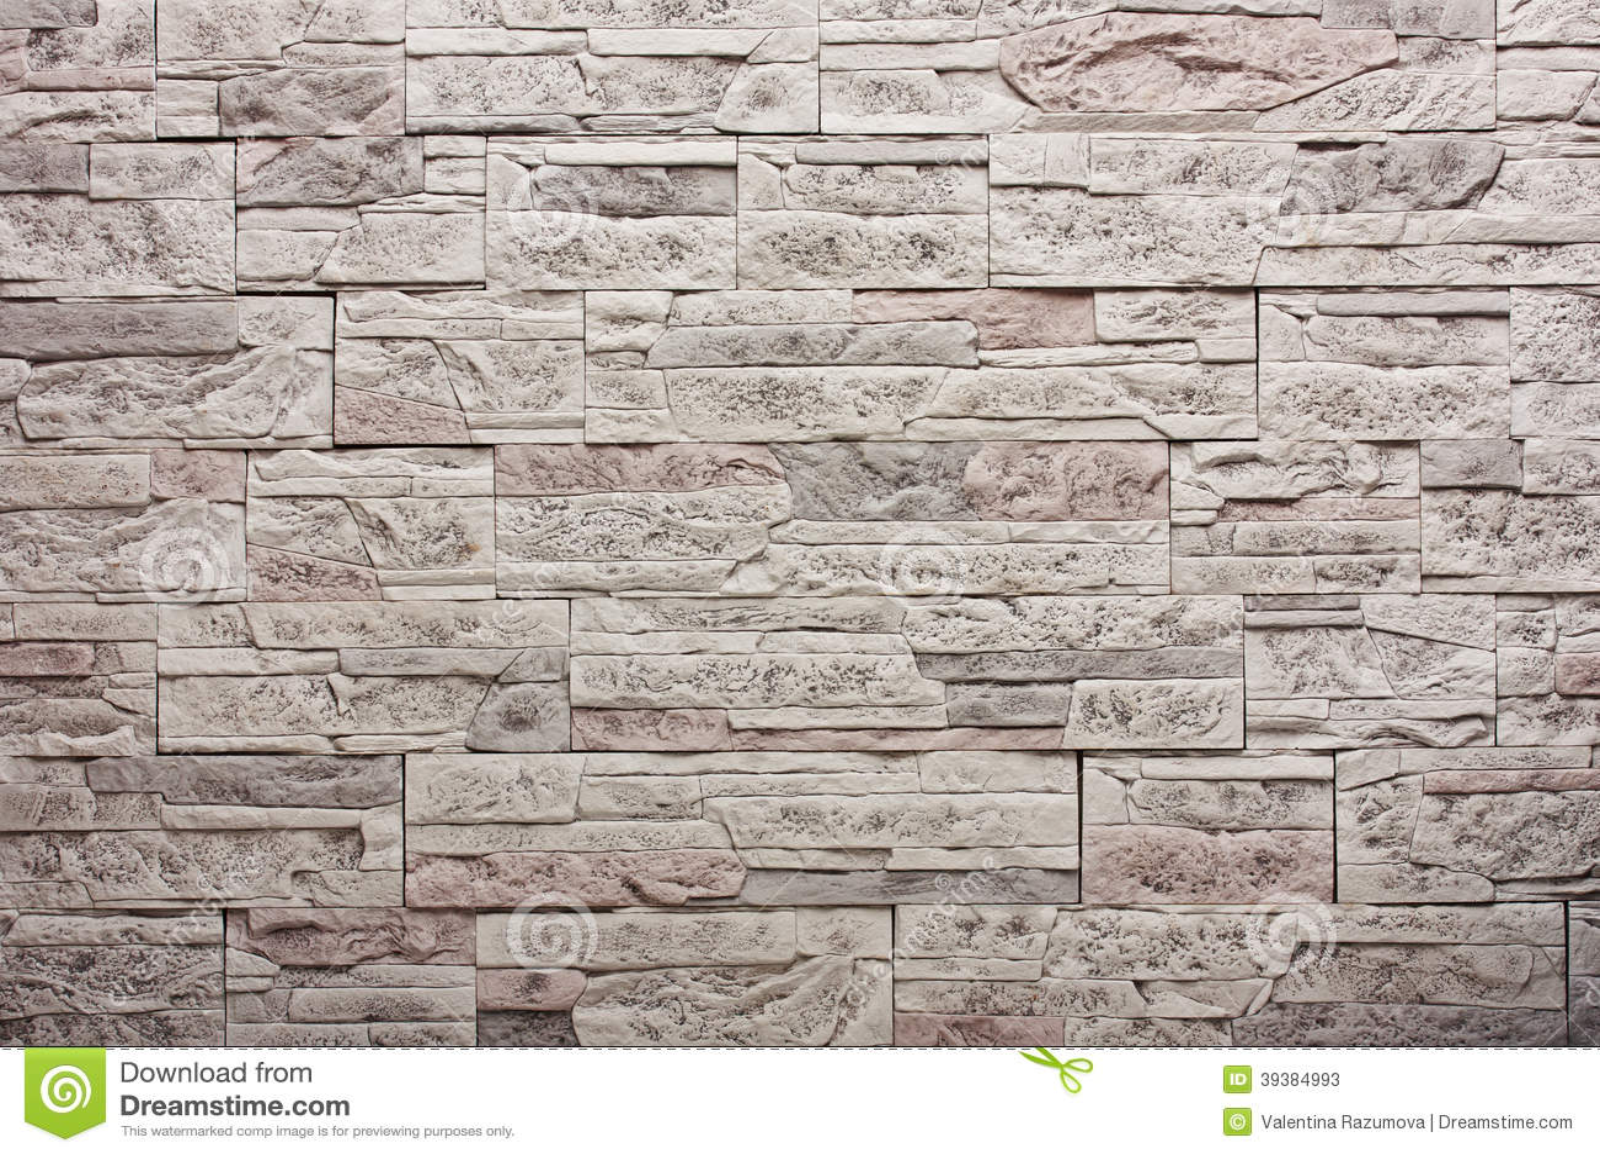 mur en pierre d 39 ardoise d corative photo stock image 39384993. Black Bedroom Furniture Sets. Home Design Ideas